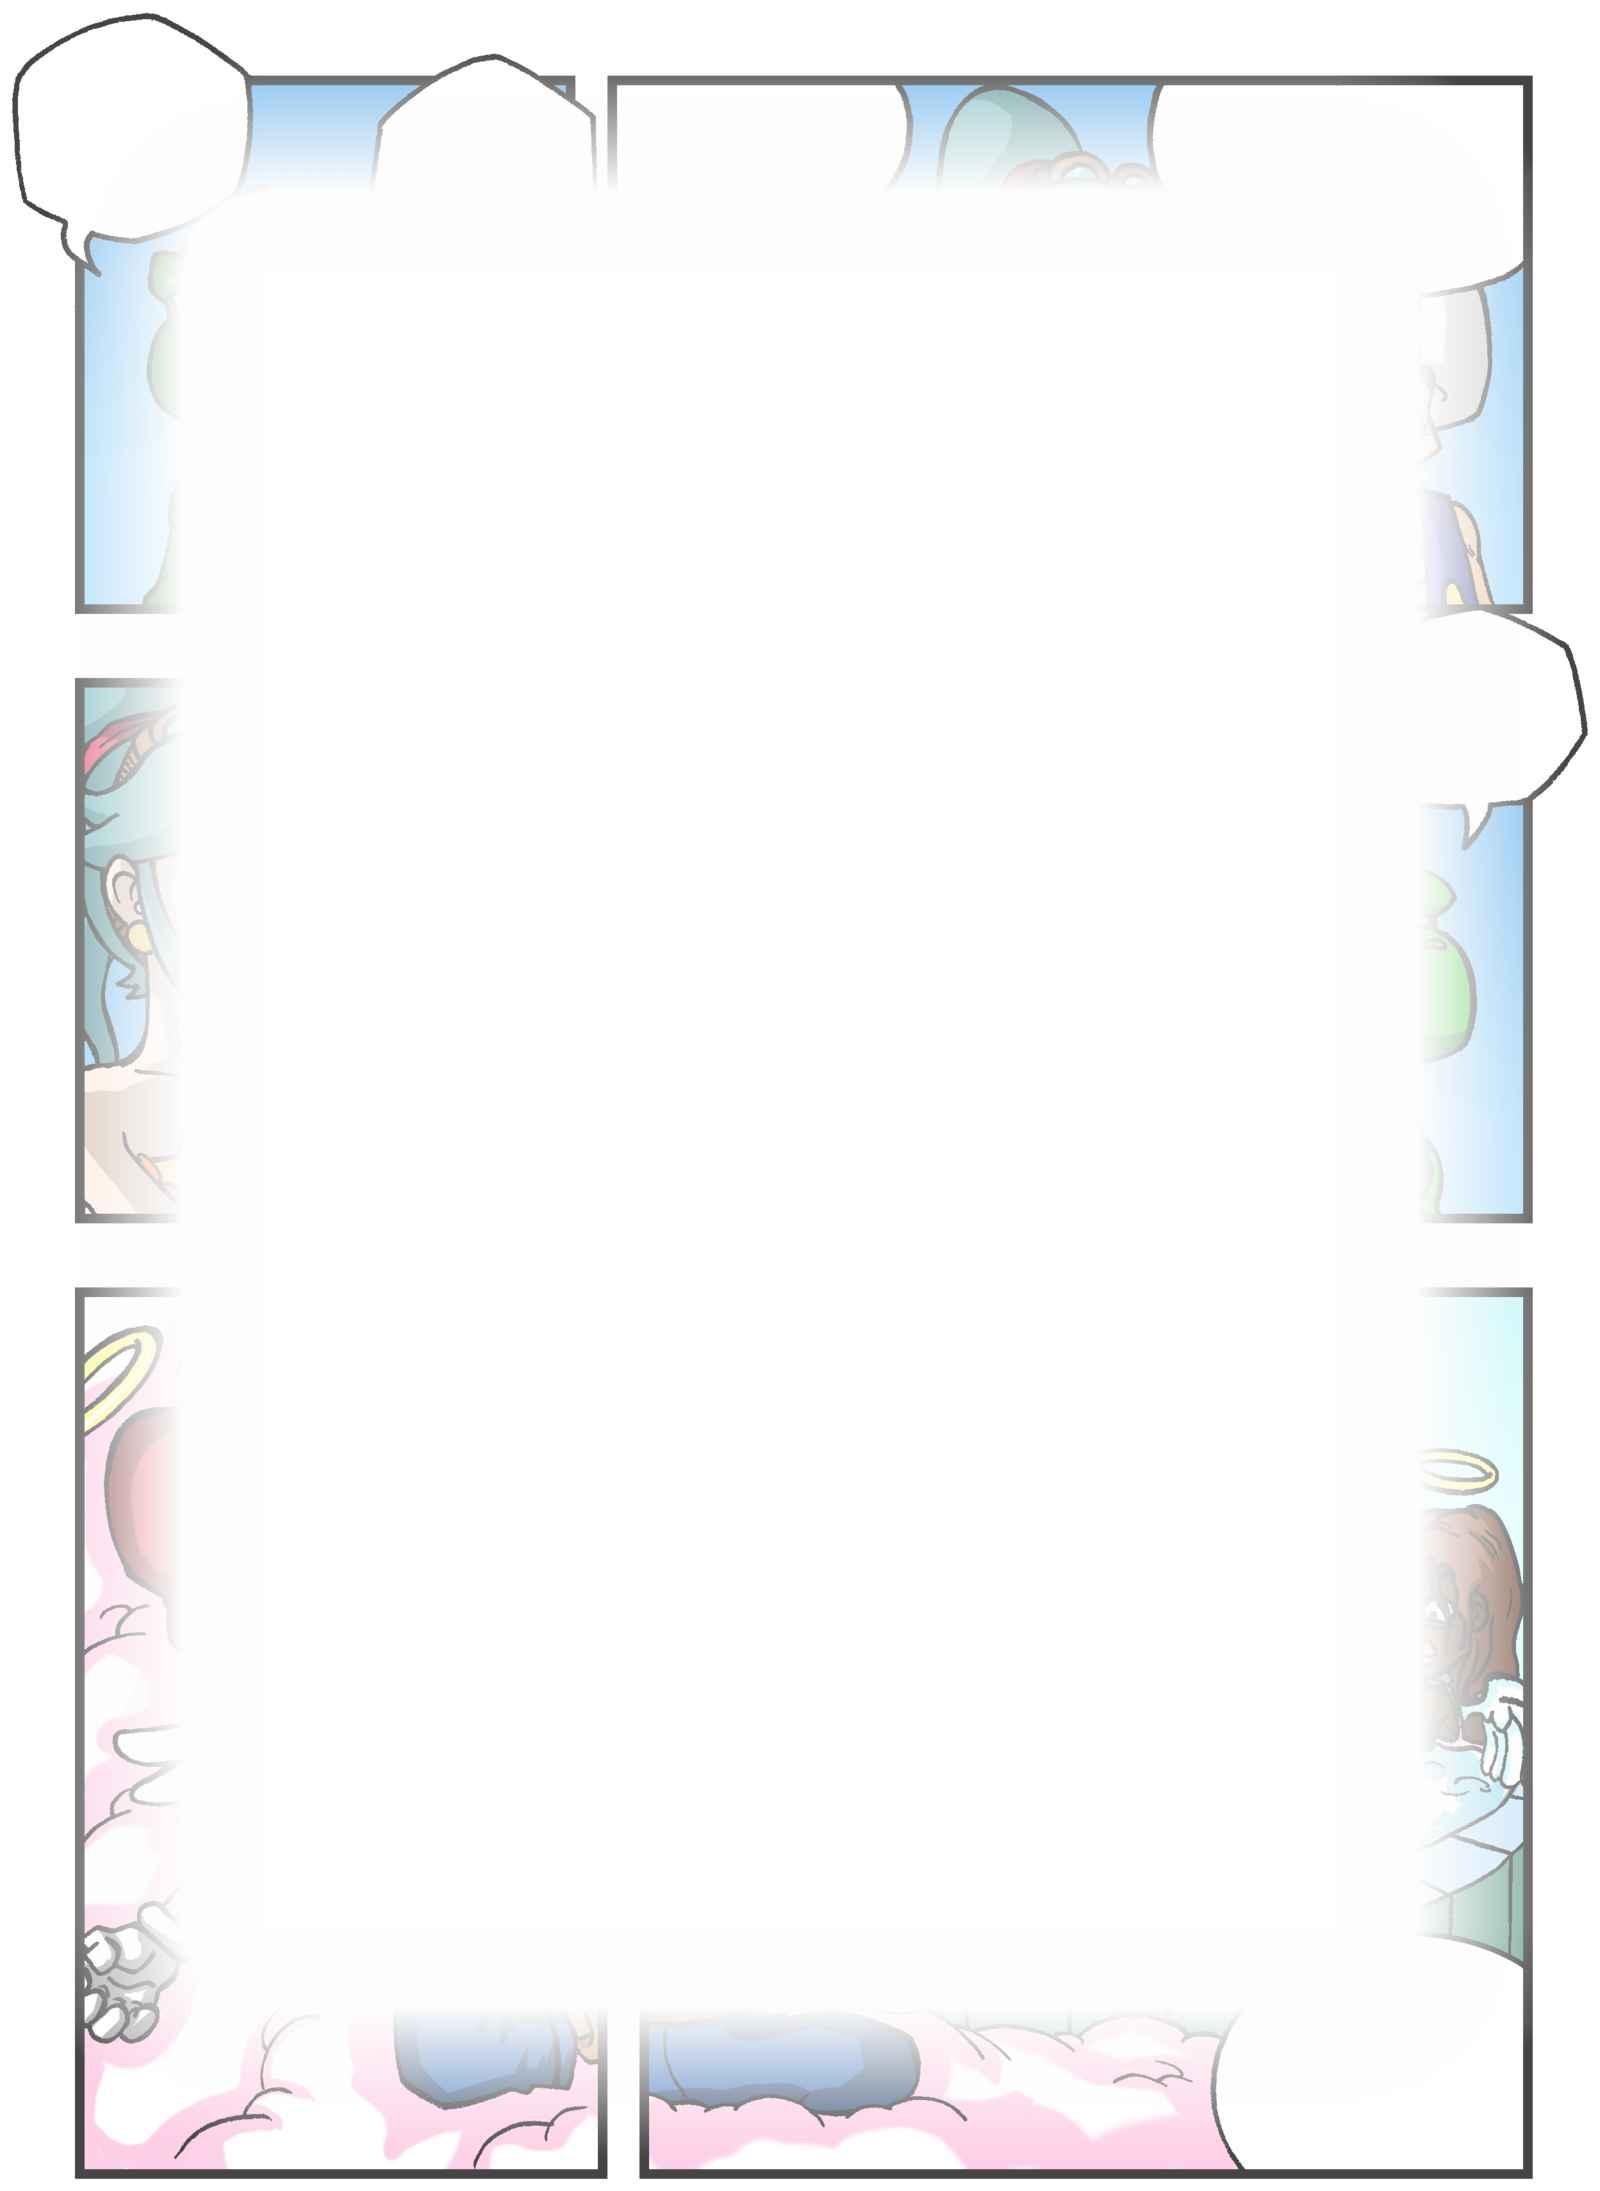 スーパードラゴンブラザーズZ : チャプター 2 ページ 5